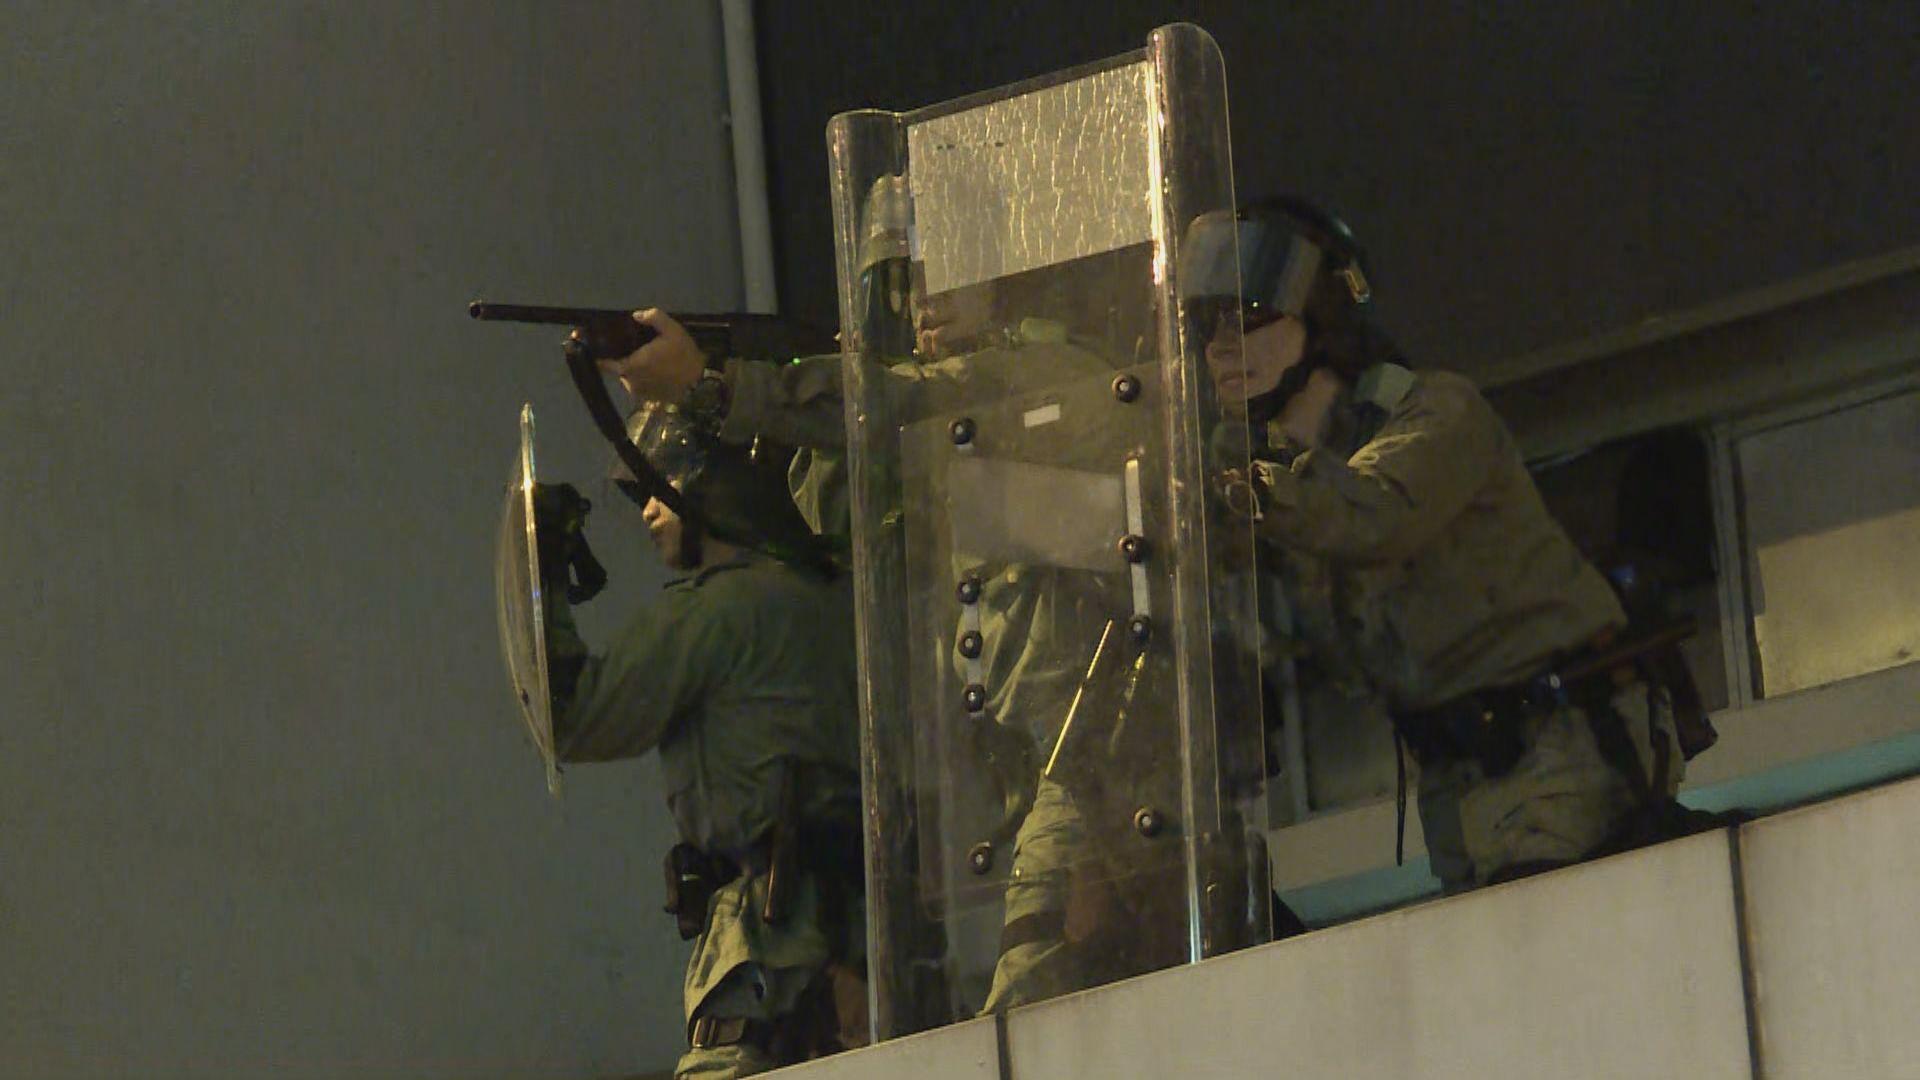 警方太子發射最少七枚疑布袋彈或橡膠子彈